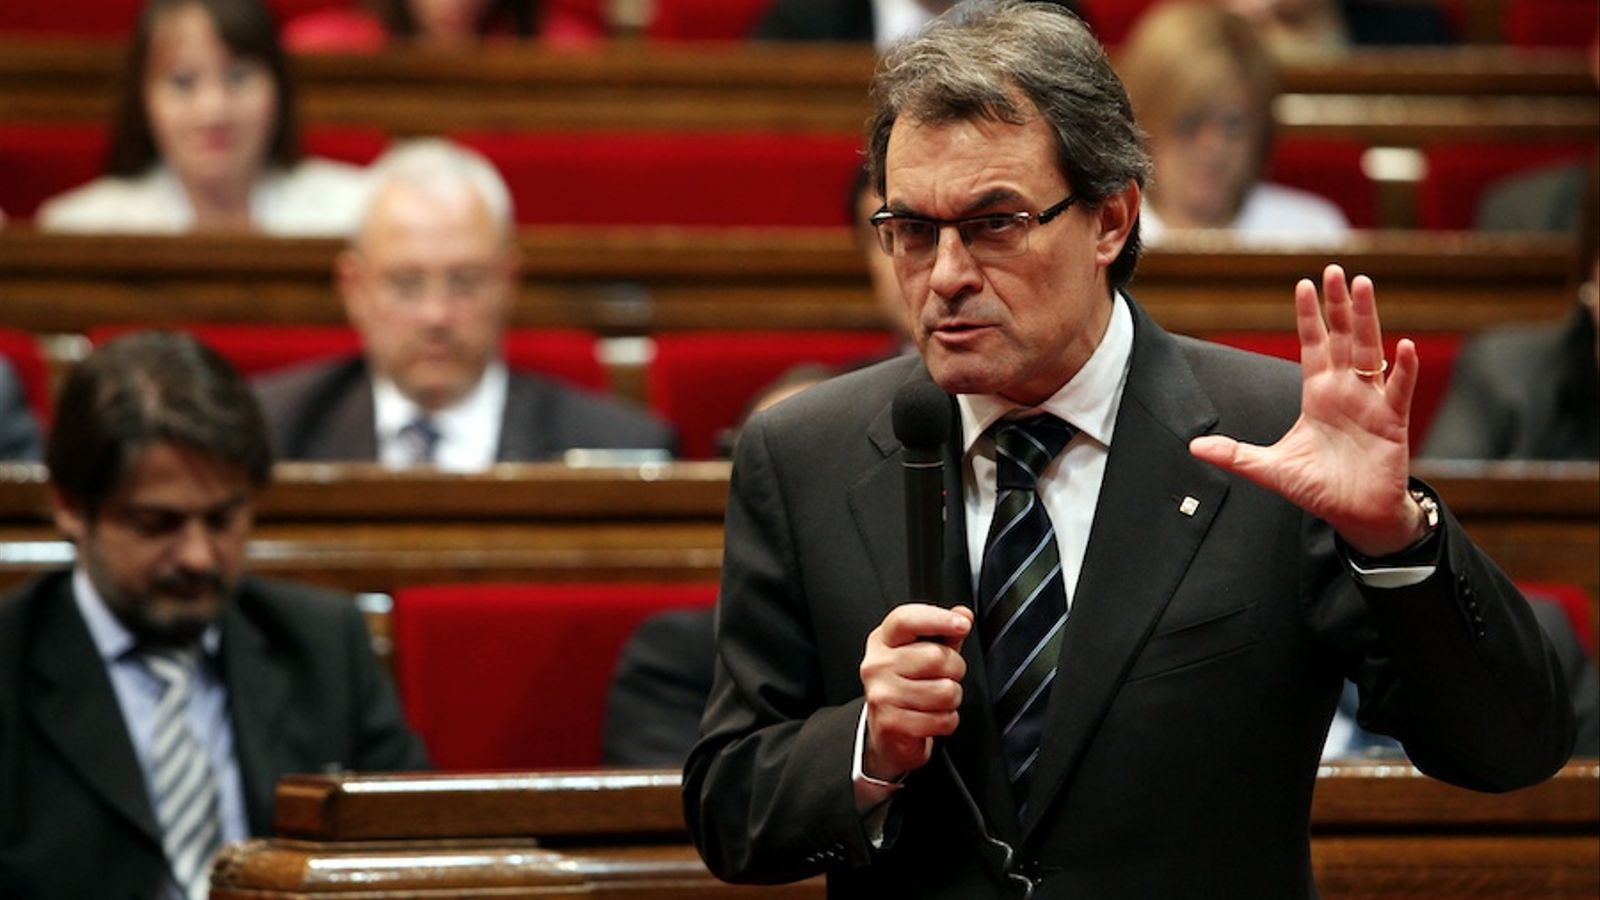 El president de la Generalitat, Artur Mas, en la sessió de control al Parlament / ACN